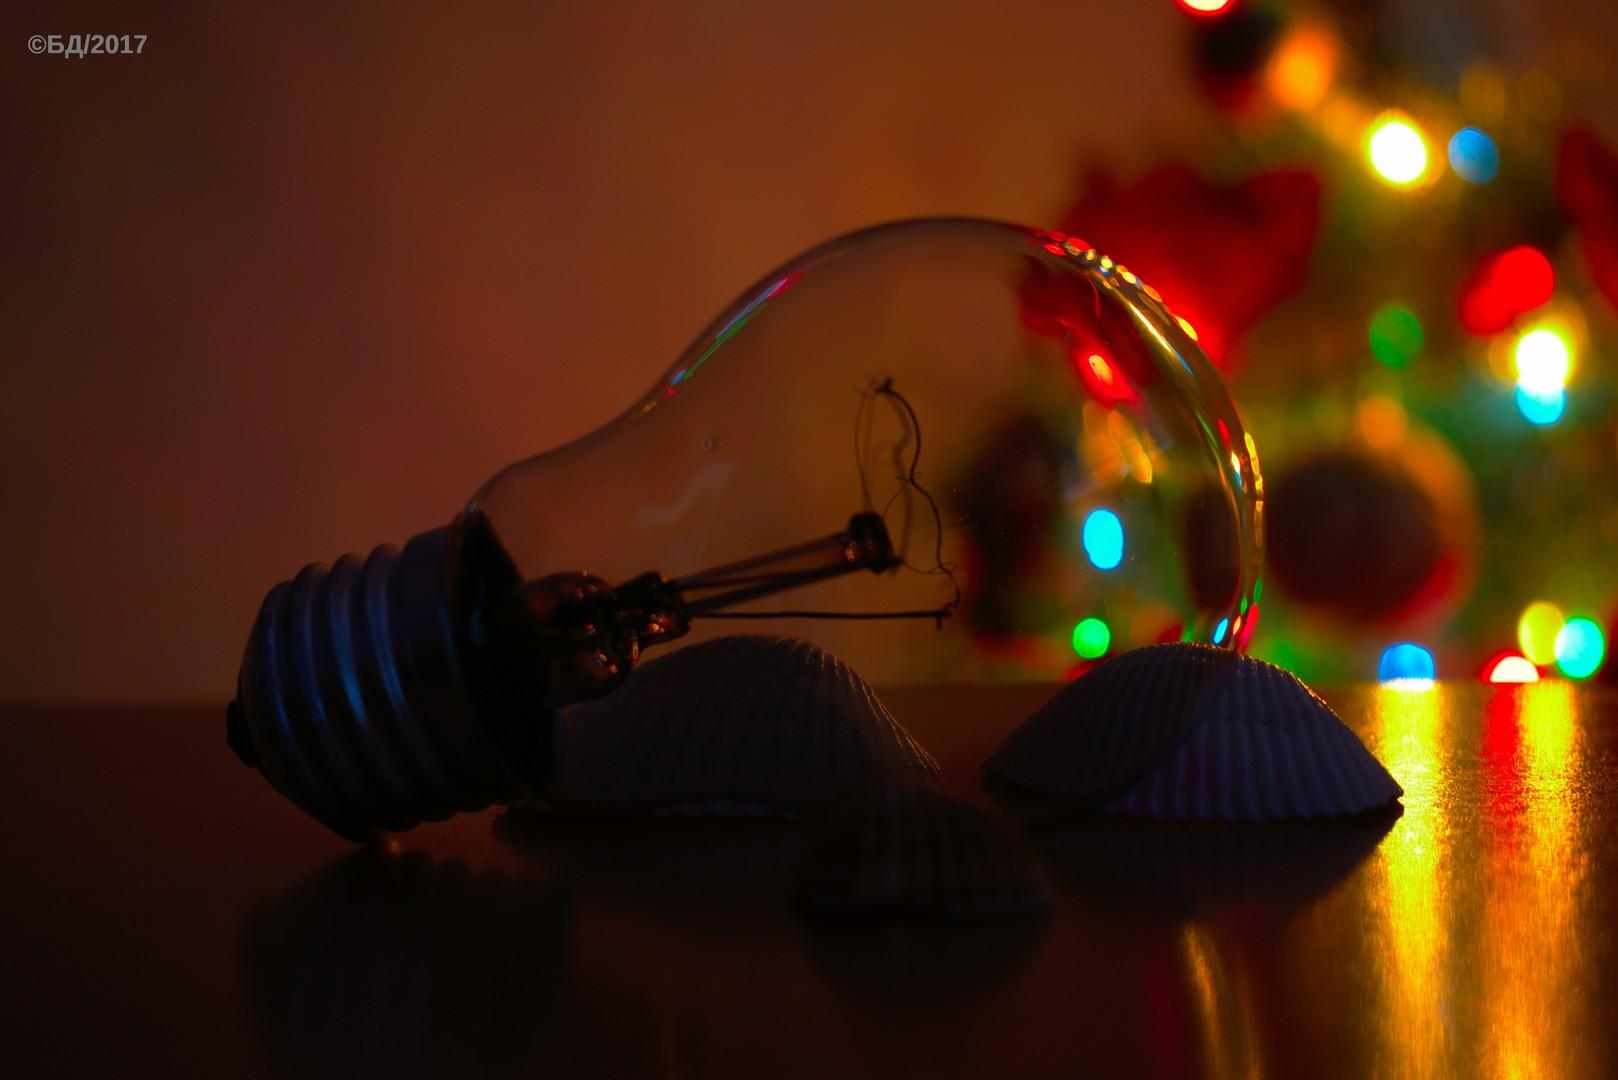 Bulb and a Christmas tree